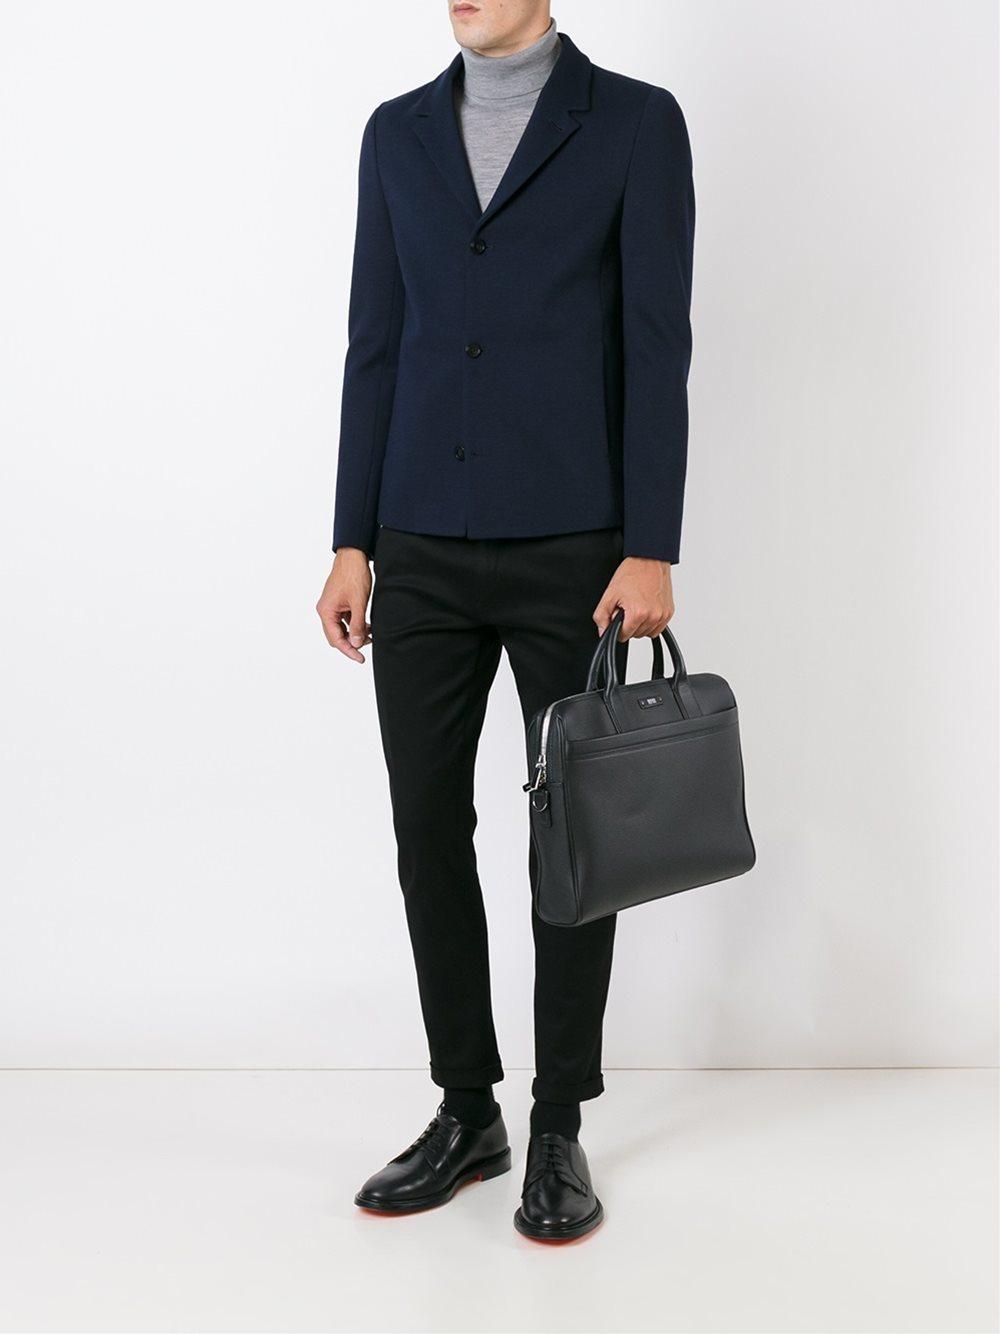 Emporio armani Three Button Blazer in Blue for Men